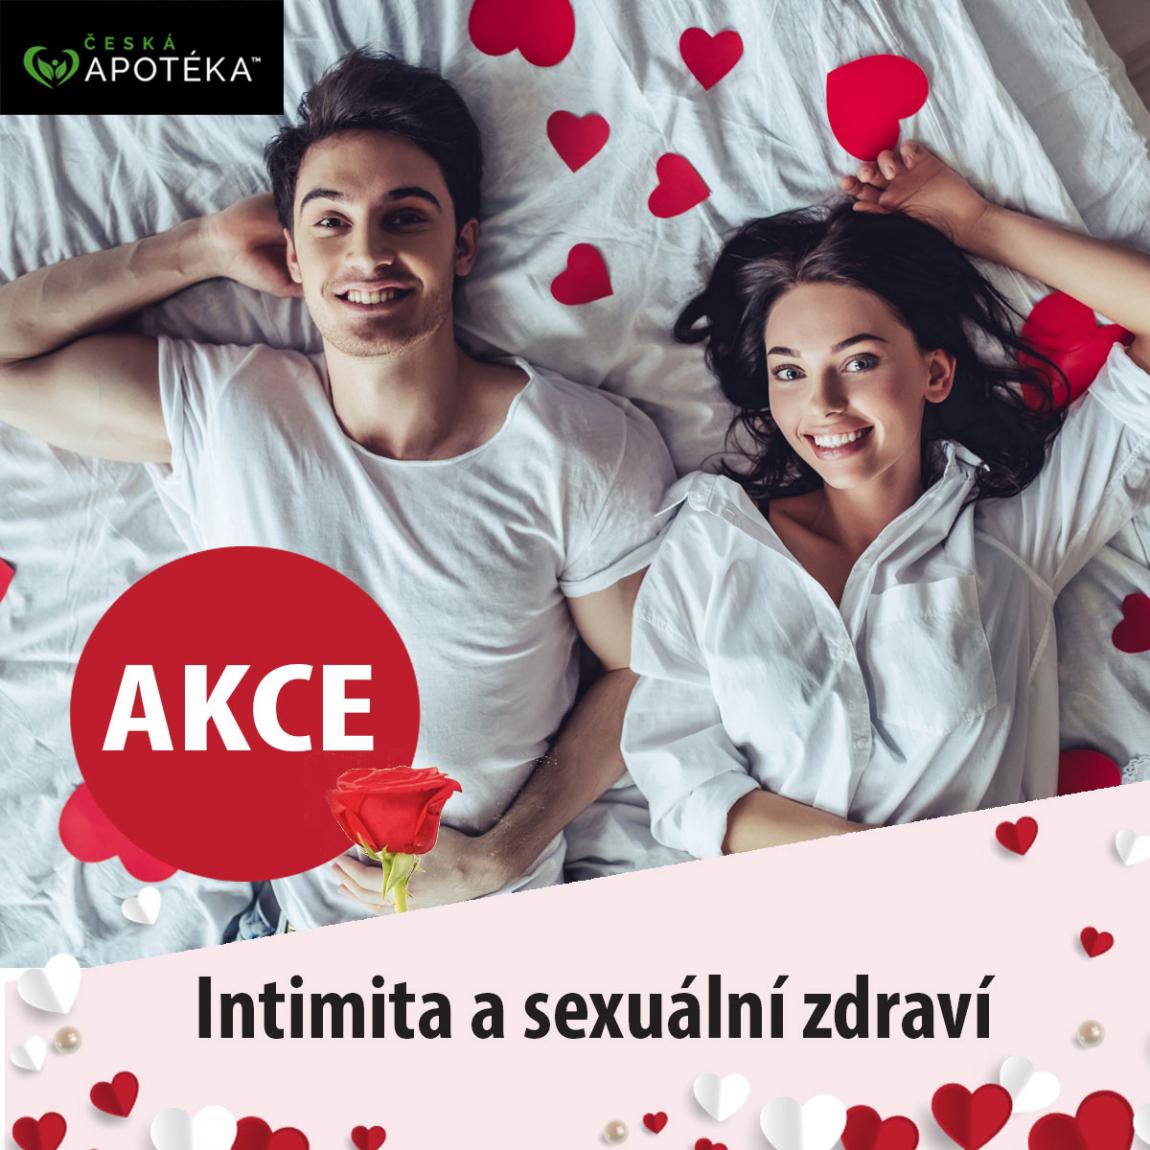 Intimita a sexuální zdraví.